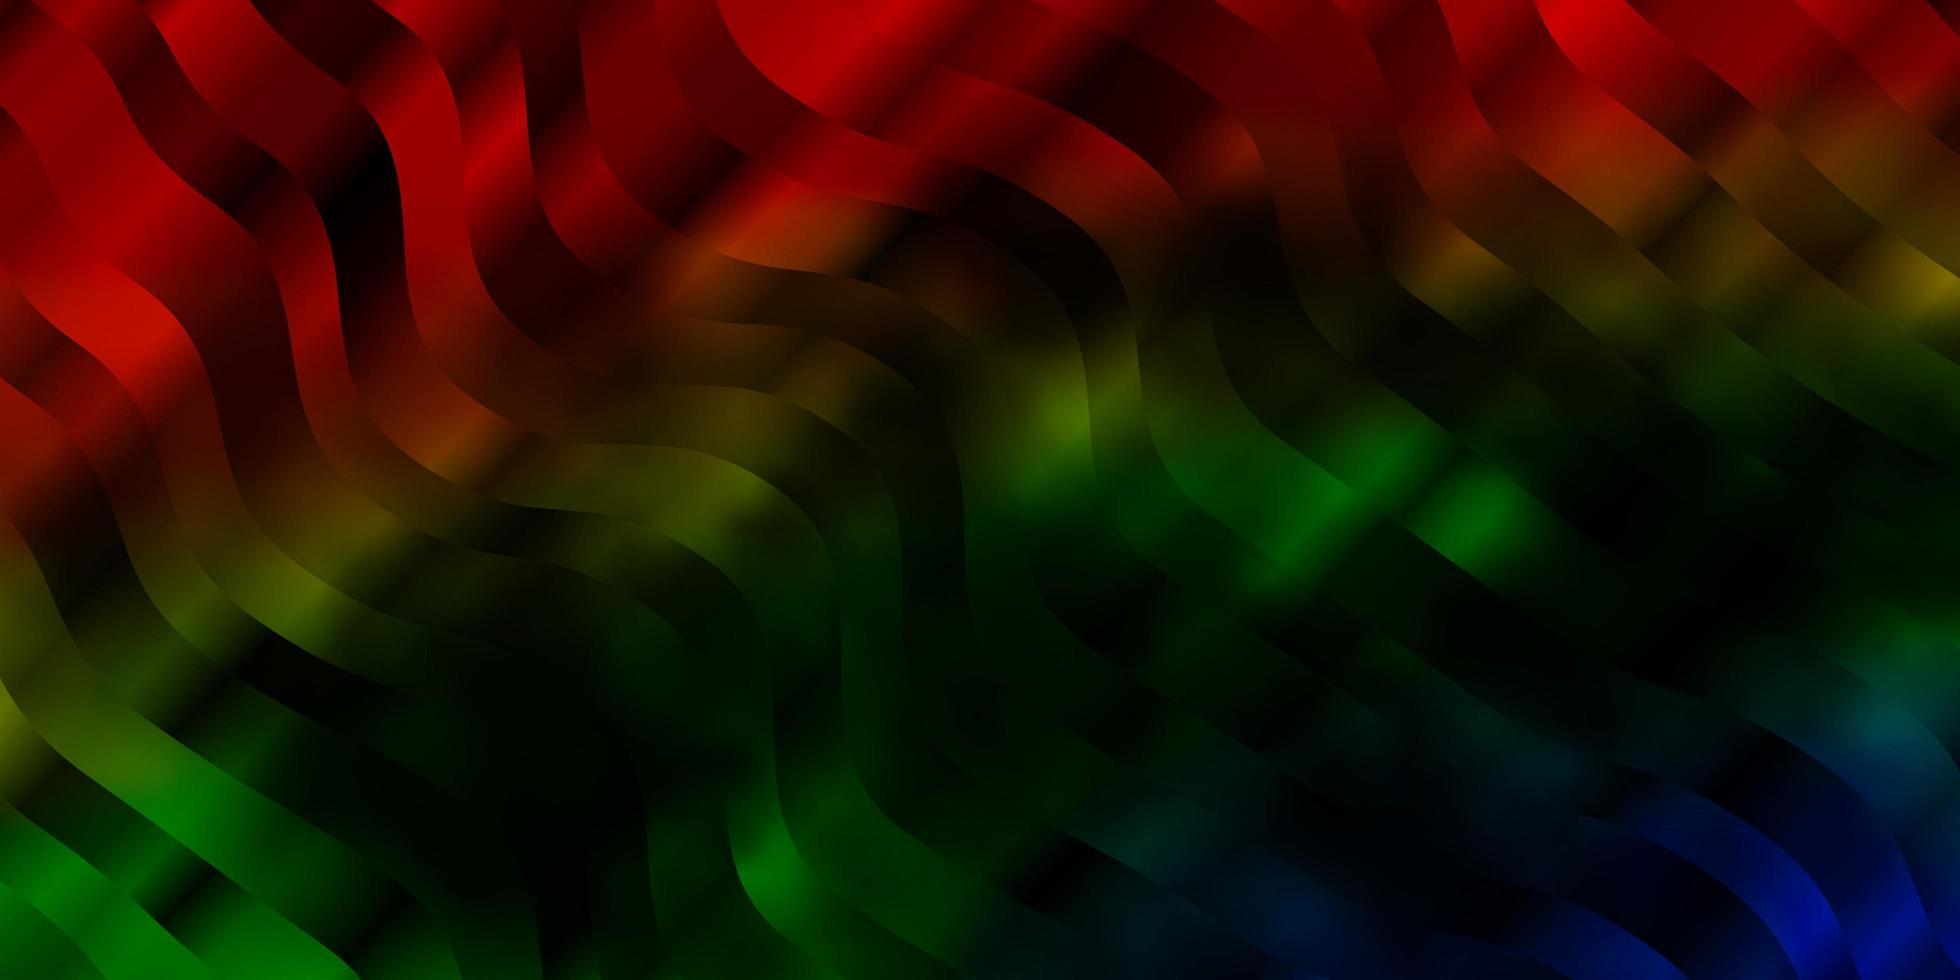 donkere veelkleurige vectorachtergrond met krommen. vector